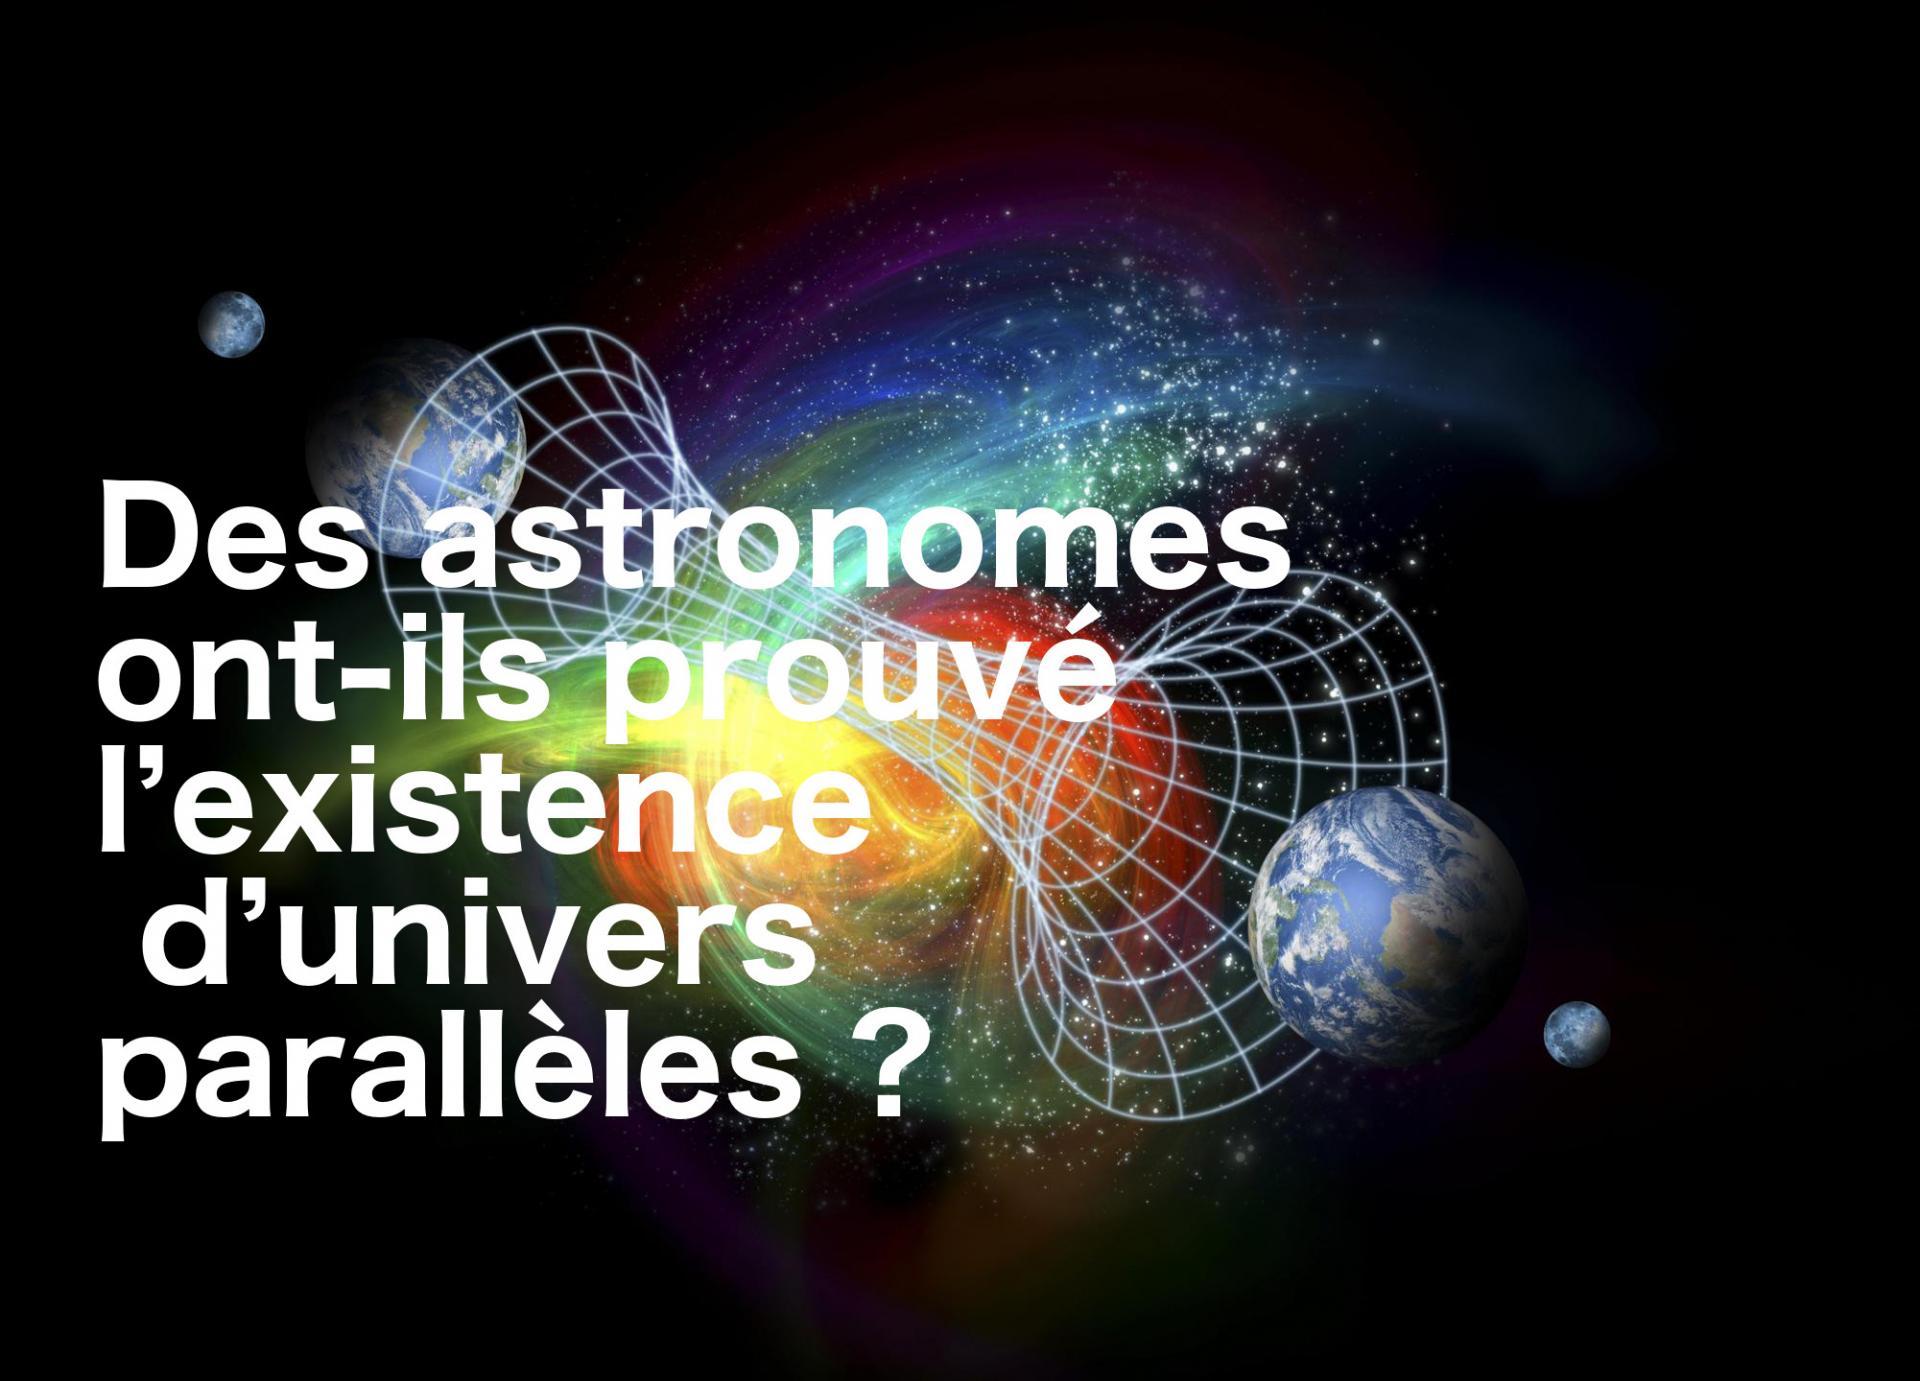 Des astronomes ont-ils prouvé l'existence d'univers parallèles ?